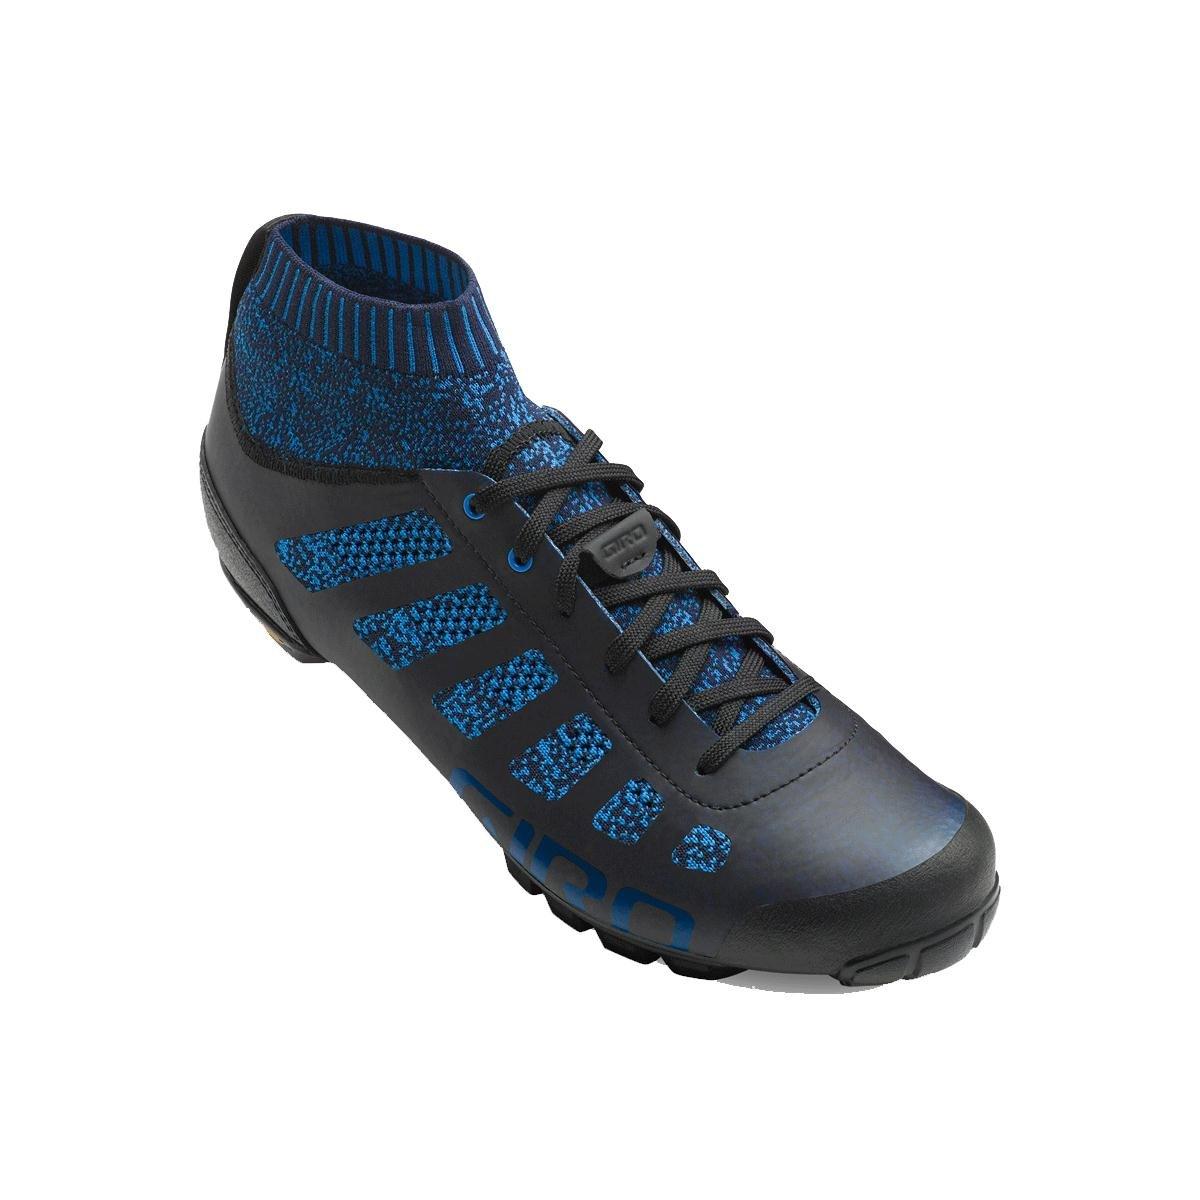 Giro Empire vr70ニットサイクリング靴 – Men 's 44.5 Midnight/Blue B076B8264Y